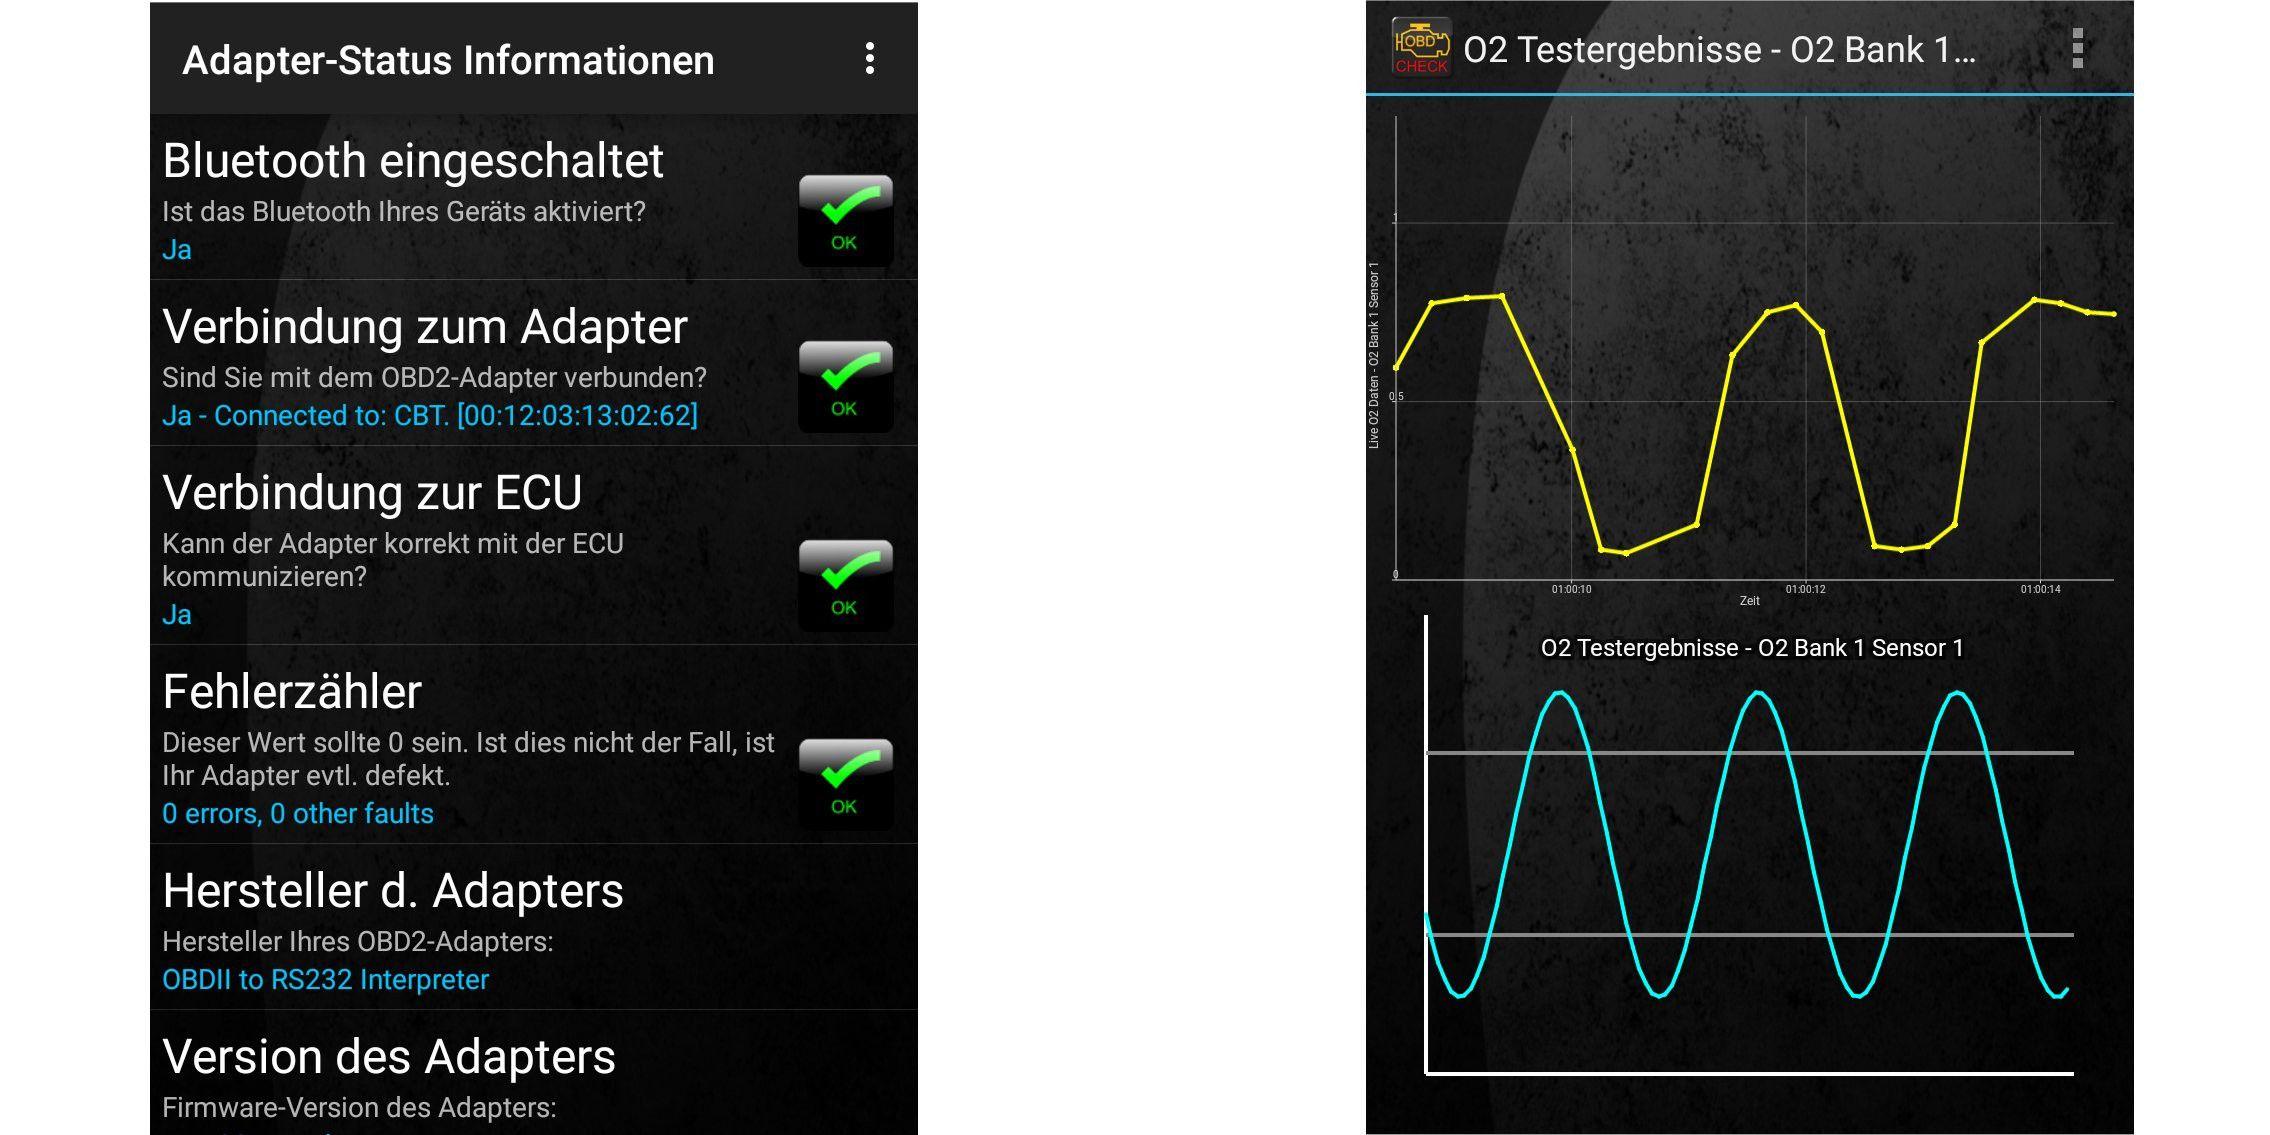 android app torque pro ber die obd 2 schnittstelle des autos ausliest links der verbindungsstatus zum adapter rechts der test des sauerstoffsensors